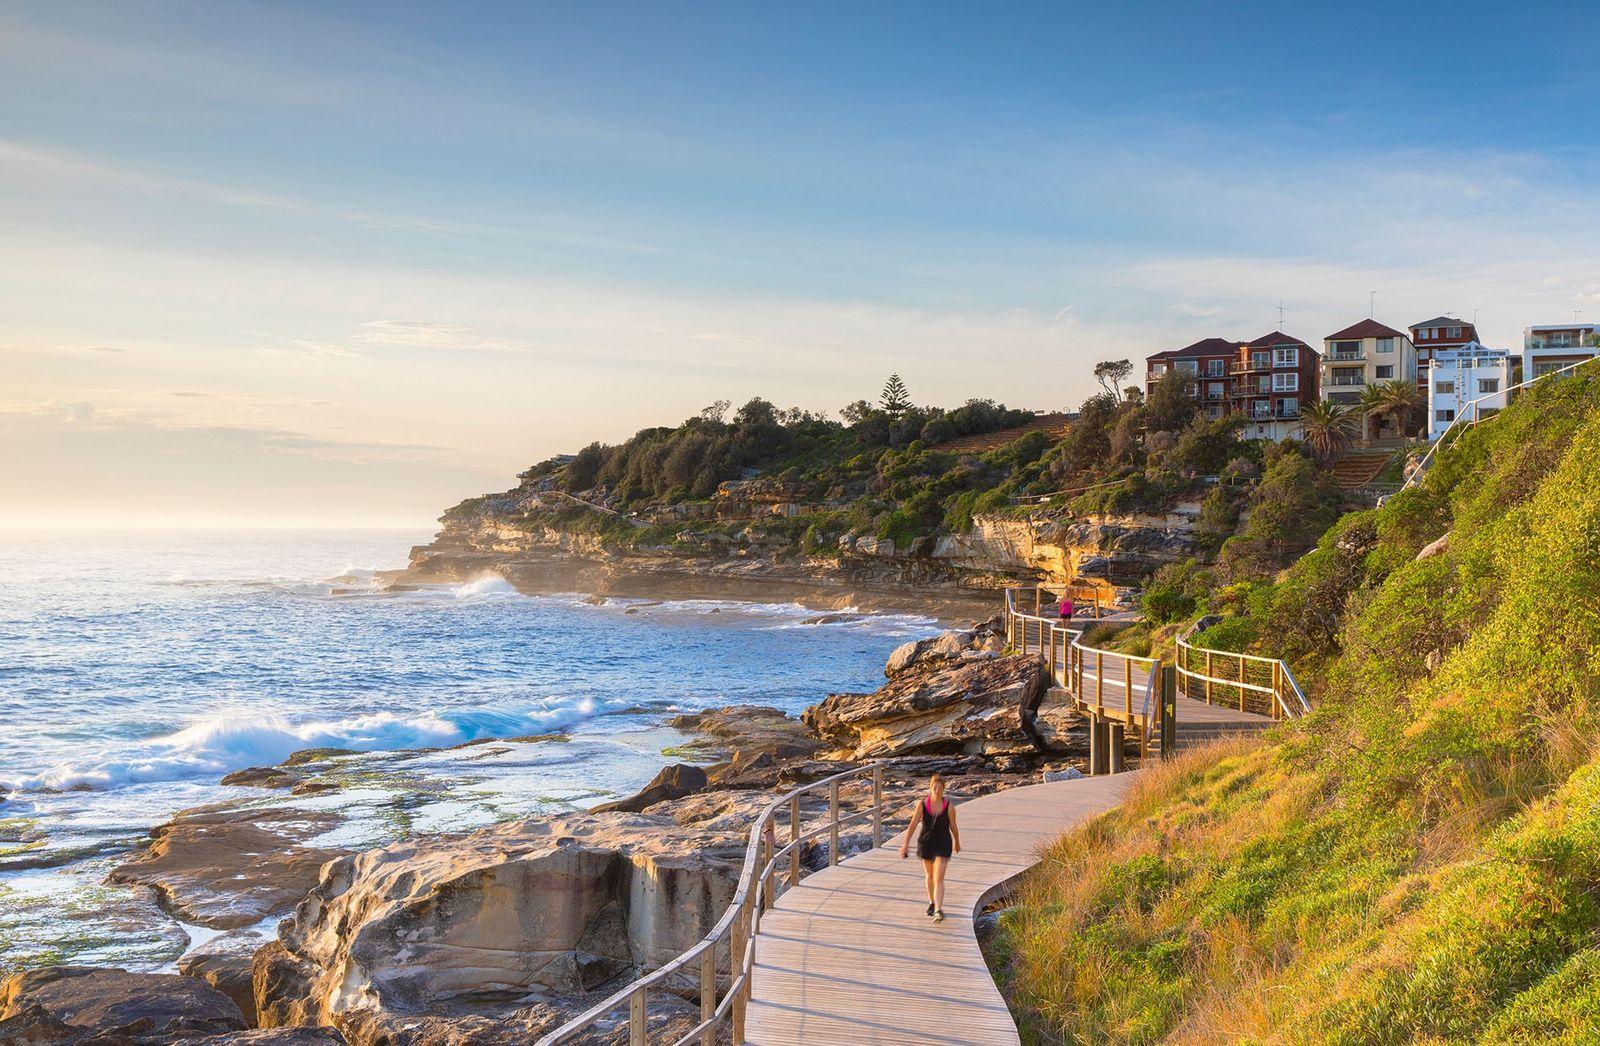 Bondi to Bronte Coastal Walk, Sydney.